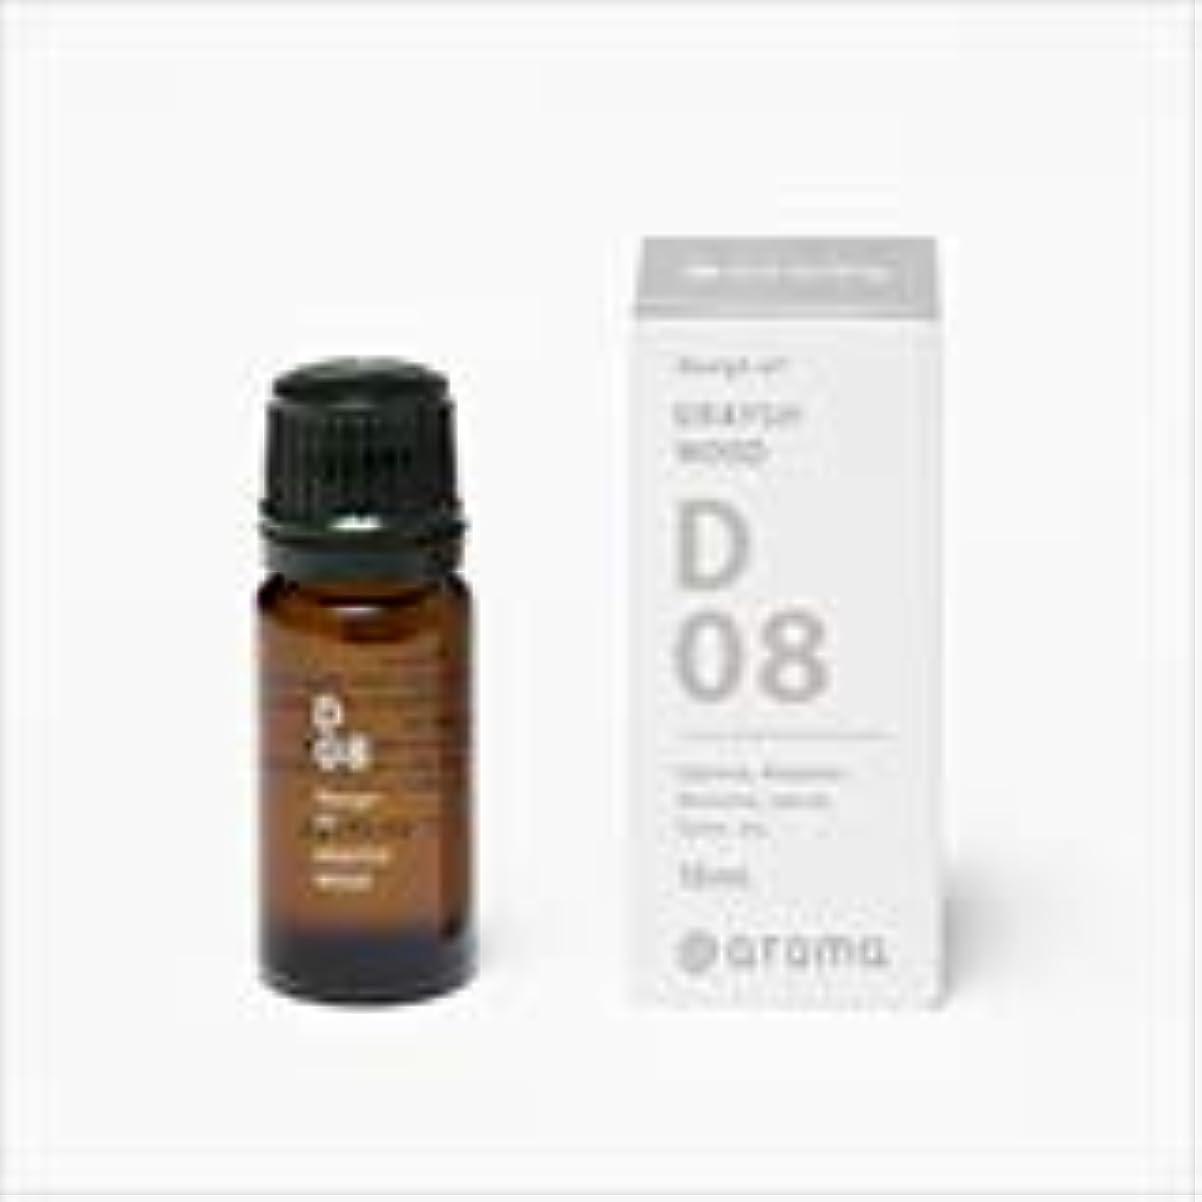 ながら叱る大きなスケールで見るとアットアロマ 100%pure essential oil <Design air バニラベージュ>